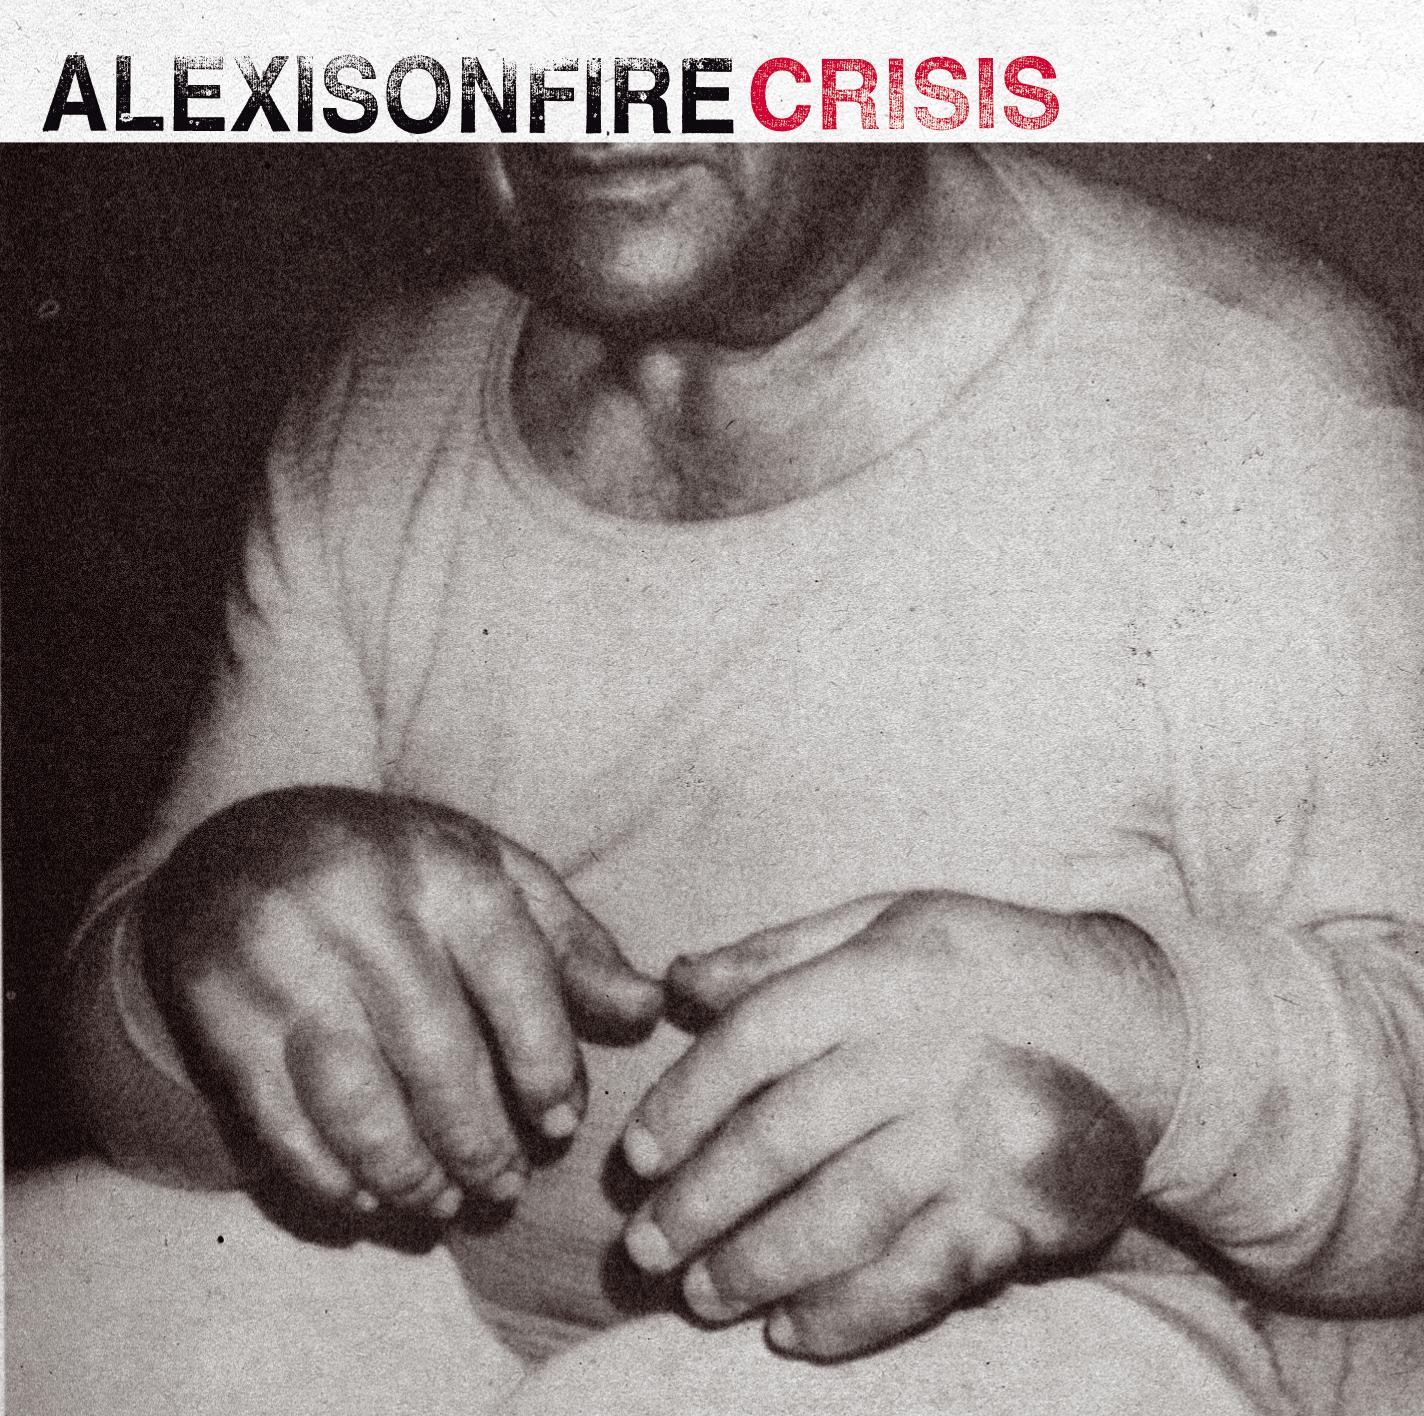 ALEXISONFIRE – Crisis